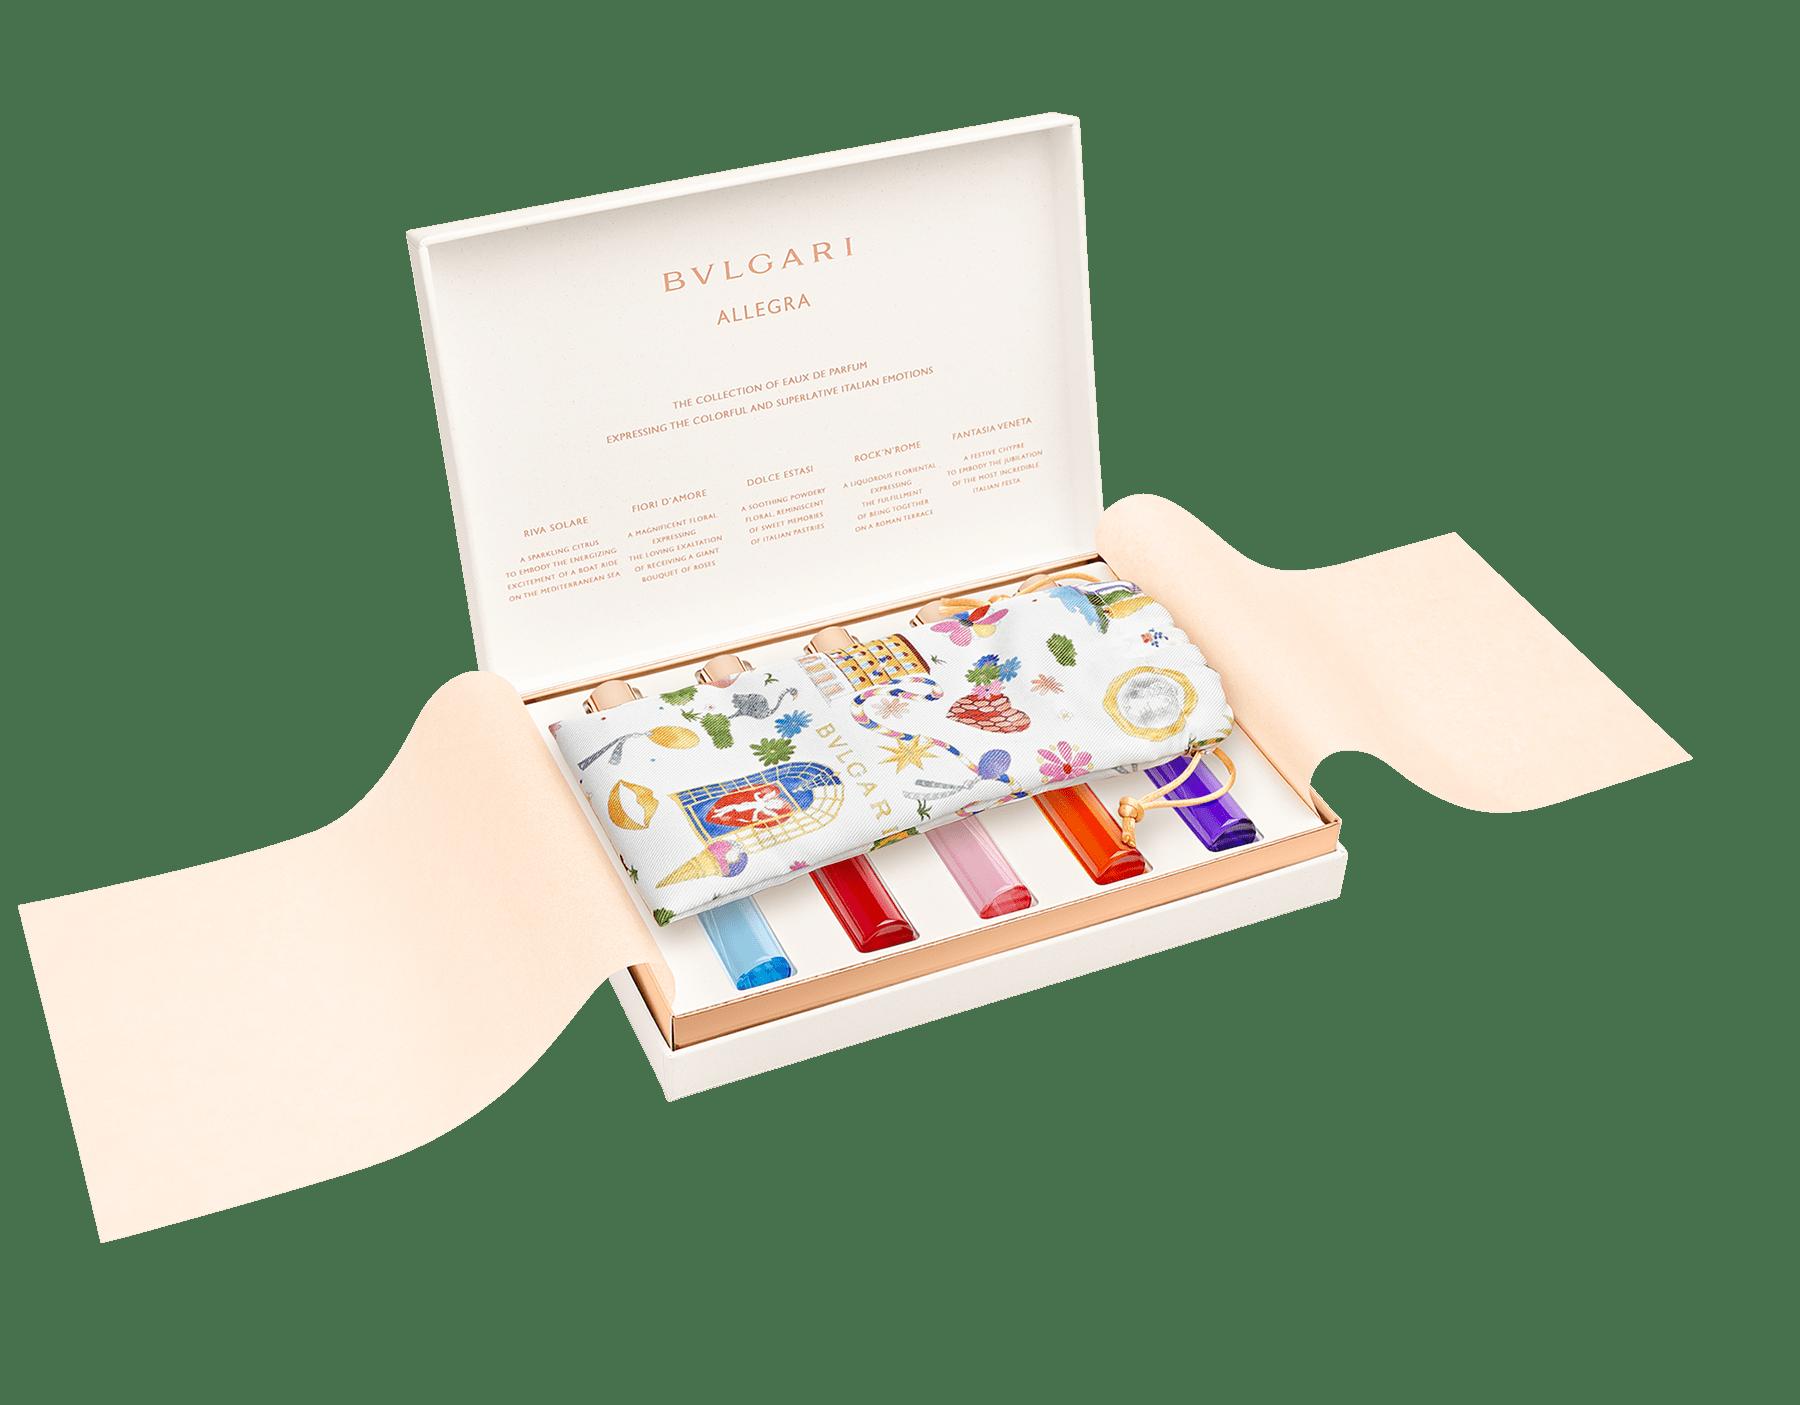 Das BVLGARI Allegra Kennenlern-Set umfasst fünf ausgewählte Eaux de Parfum, die für jeweils für ein intensives italienisches Gefühl stehen. 41291 image 2